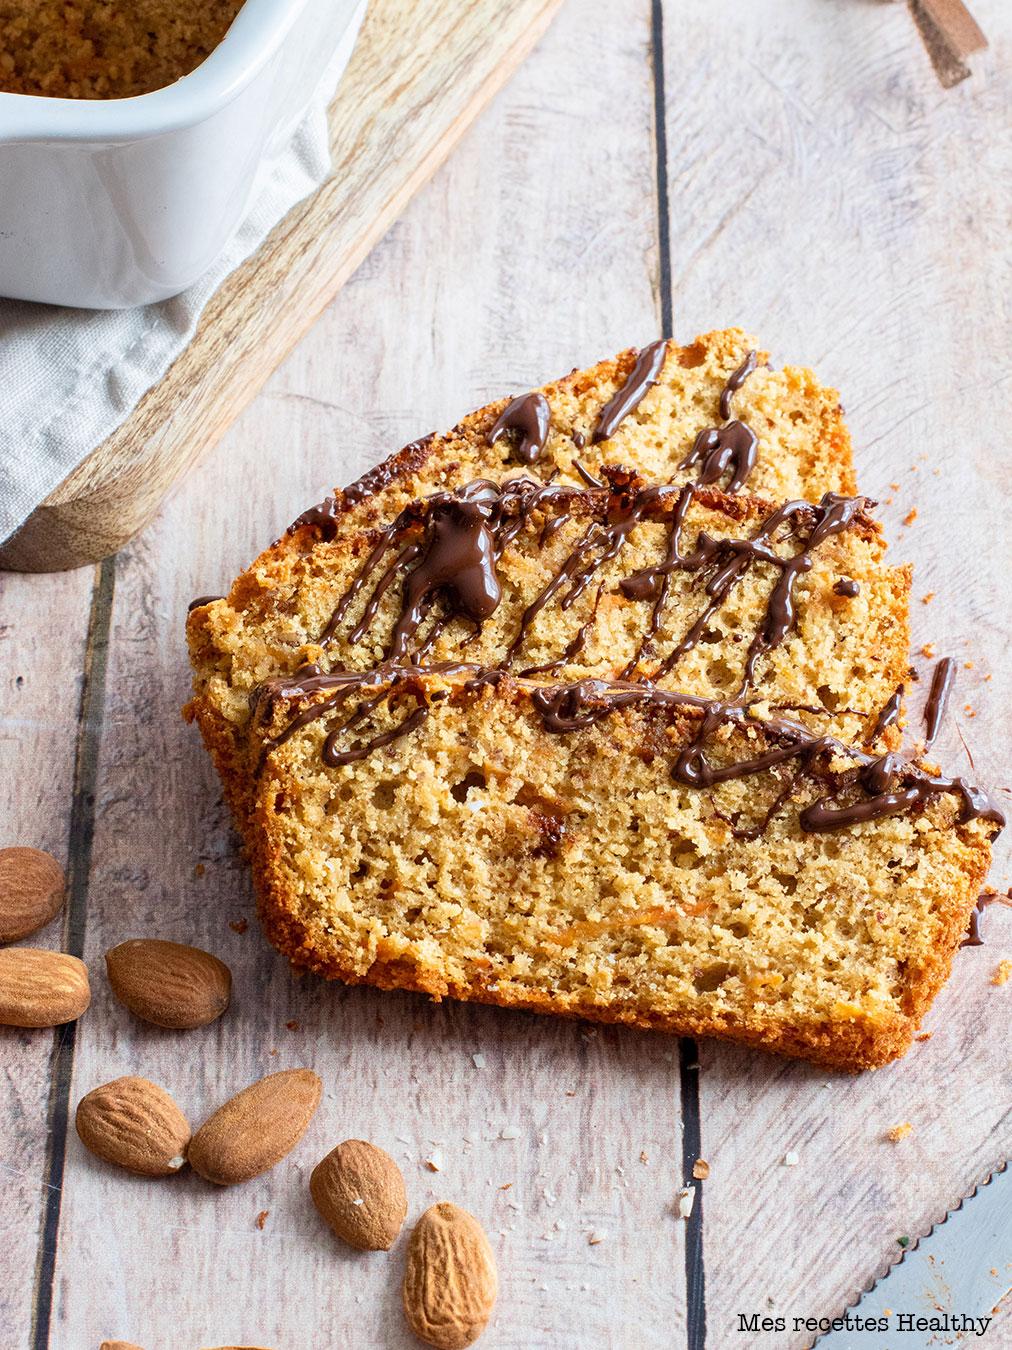 recette healthy-cake à la carotte-beurre de cacahuète-moelleux-sans beurre